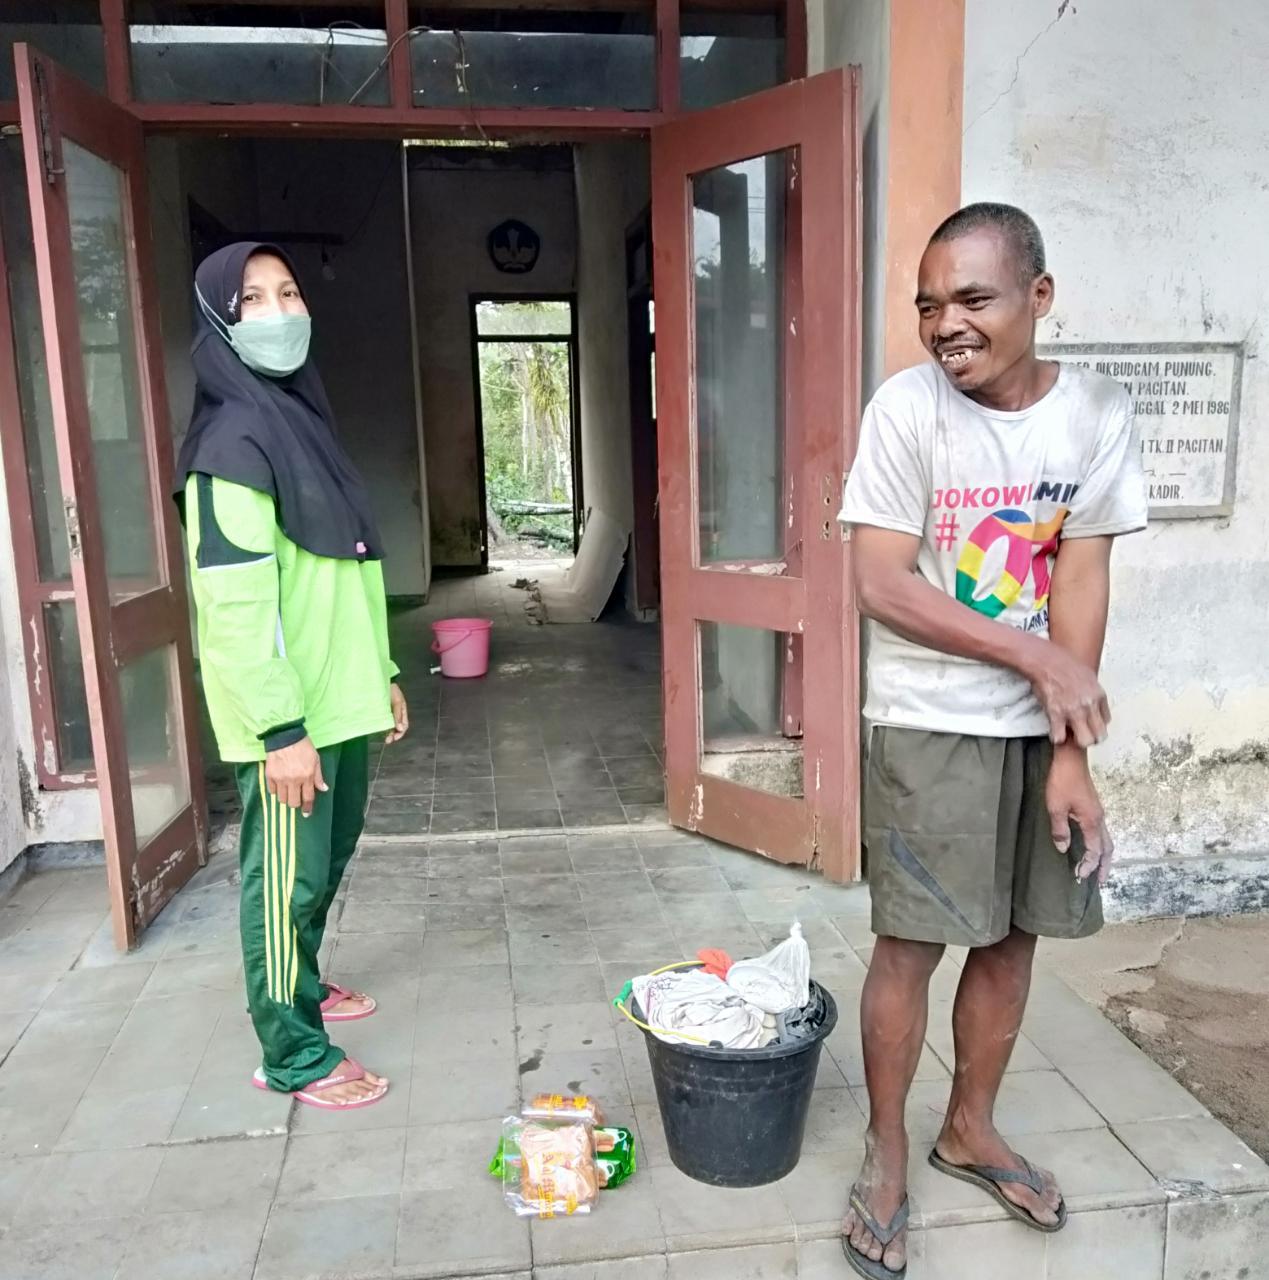 Murwati Handayani, relawan ODGJ, ketika menyambangi Bambang, ODGJ yang tinggal di gedung tua di depan SMAN Punung Kabupaten Pacitan. (Foto: Risma Wigati/Tugu Jatim)